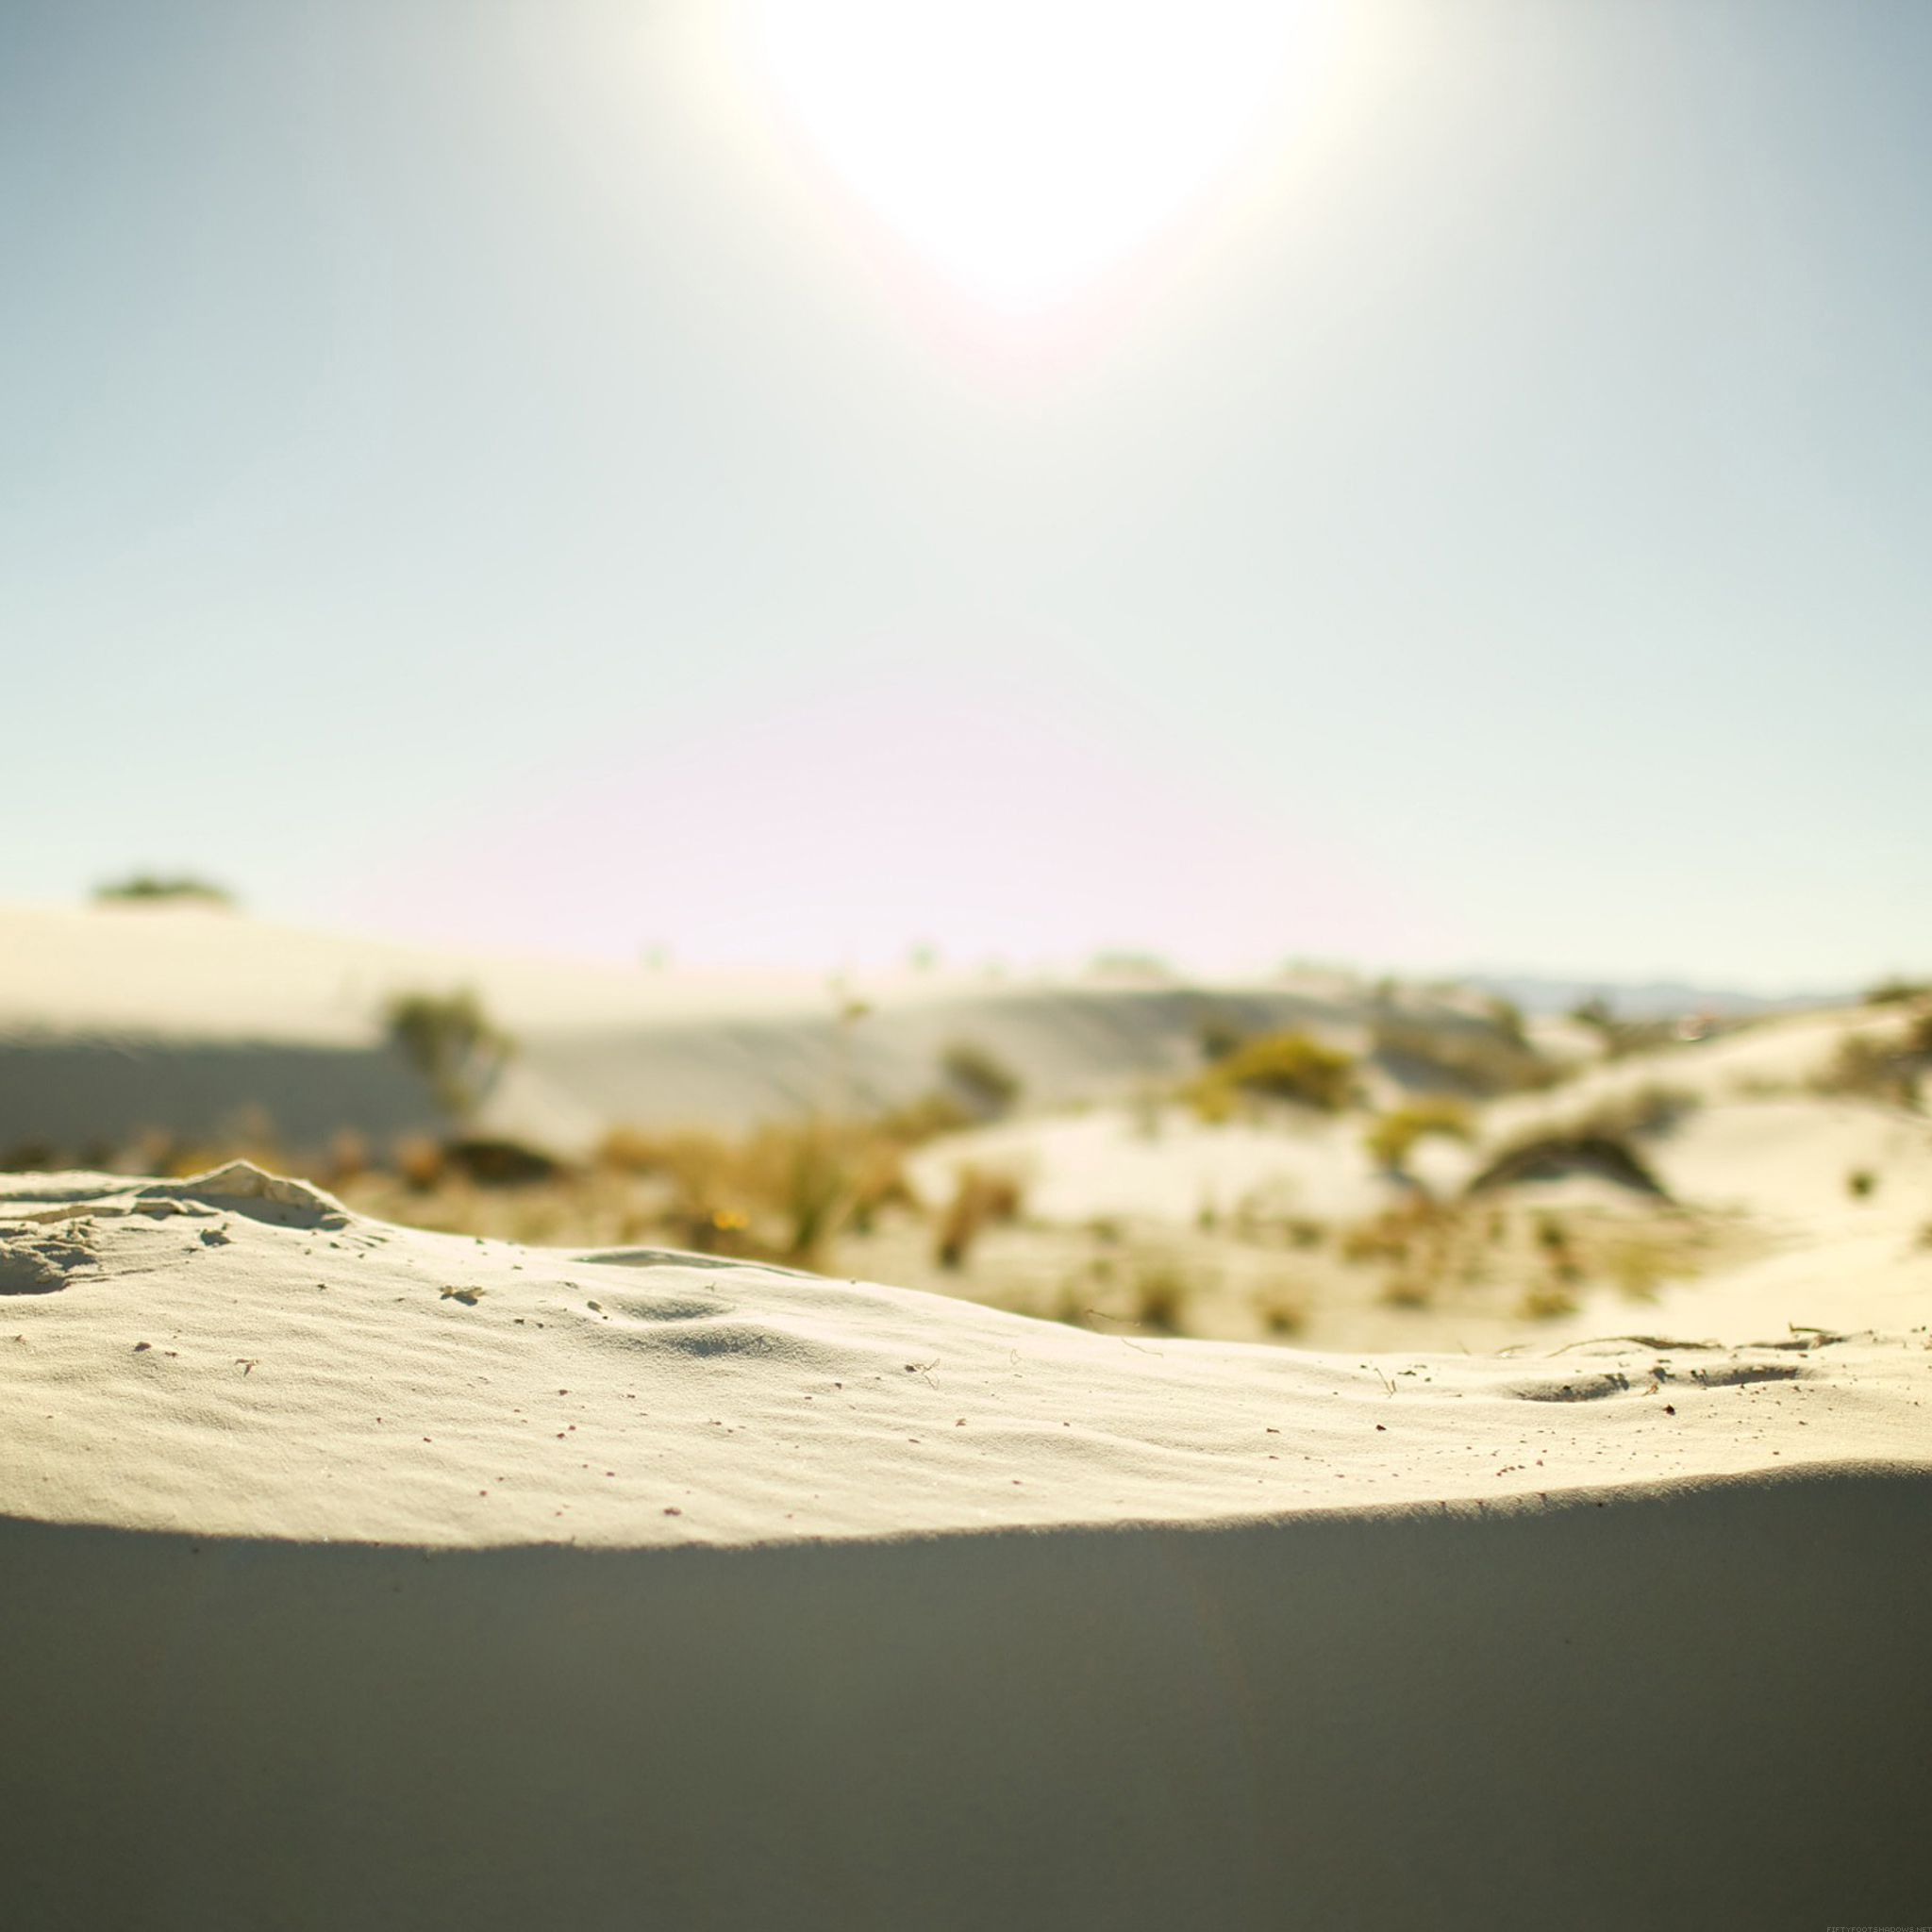 Sand Dunes 3Wallpapers iPad Retina Sand Dunes   iPad Retina